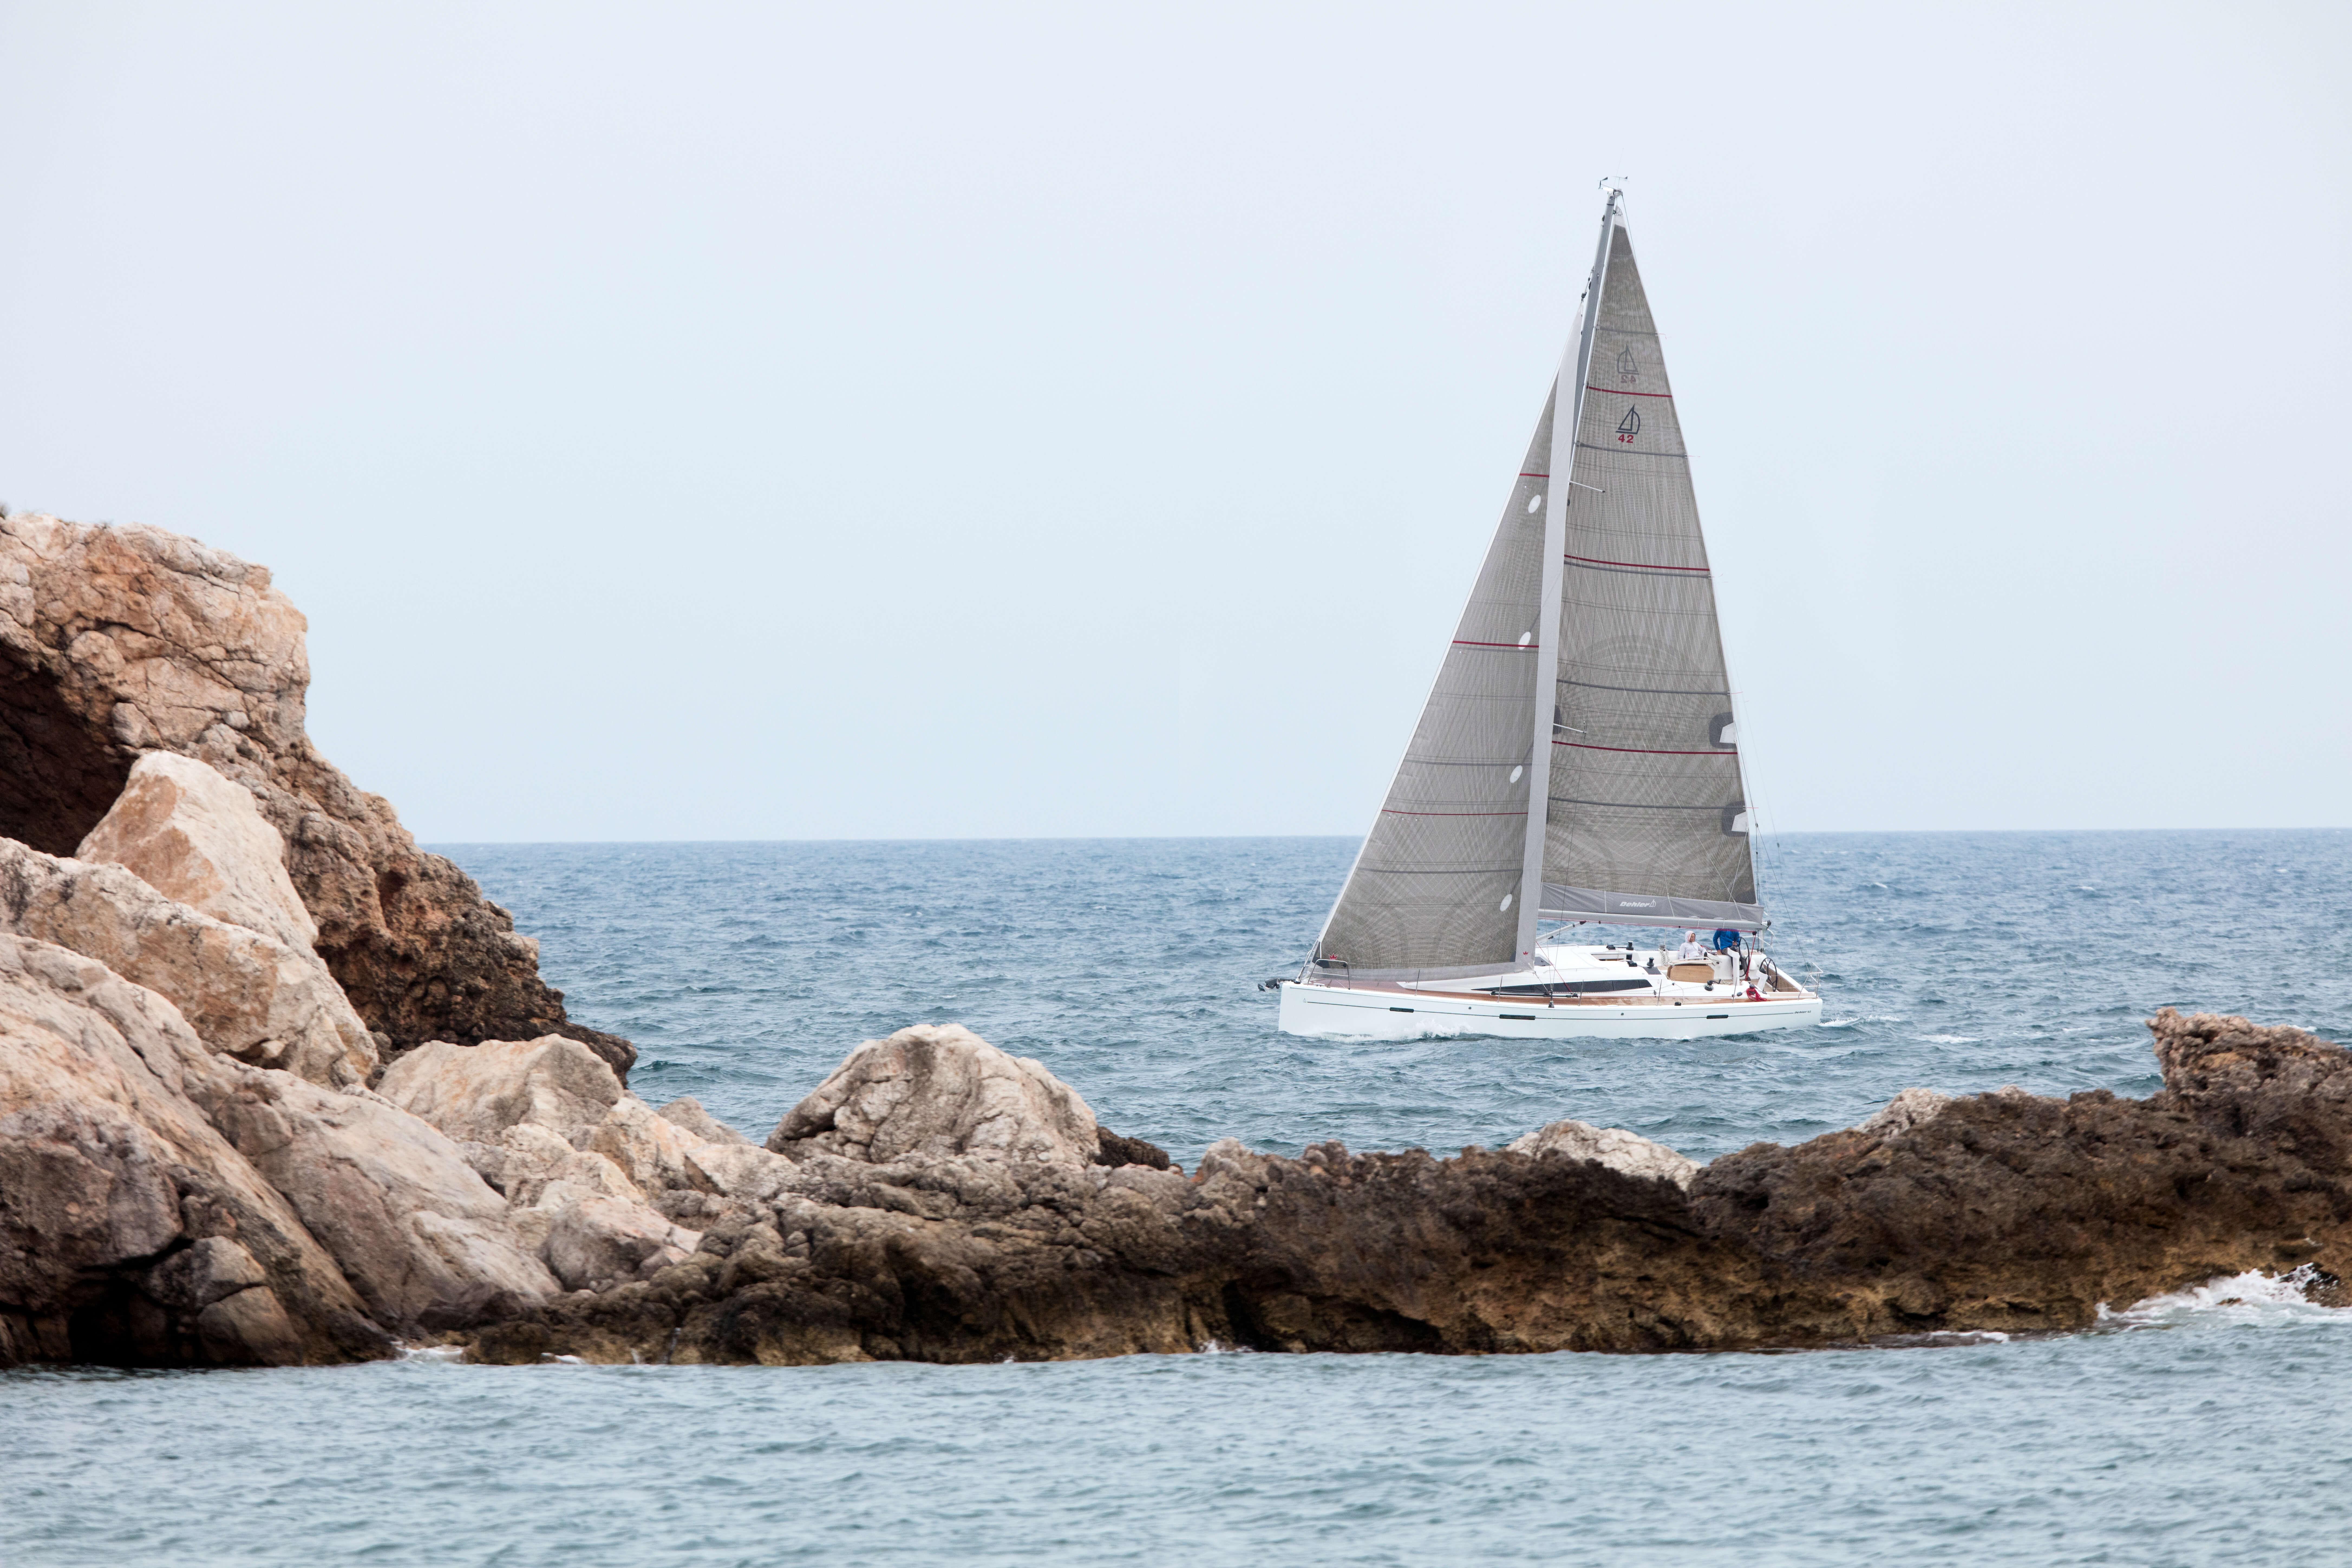 Dehler 42 Exterior Sailing | Dehler 42_Segeln_20_0516_005.jpg | Dehler